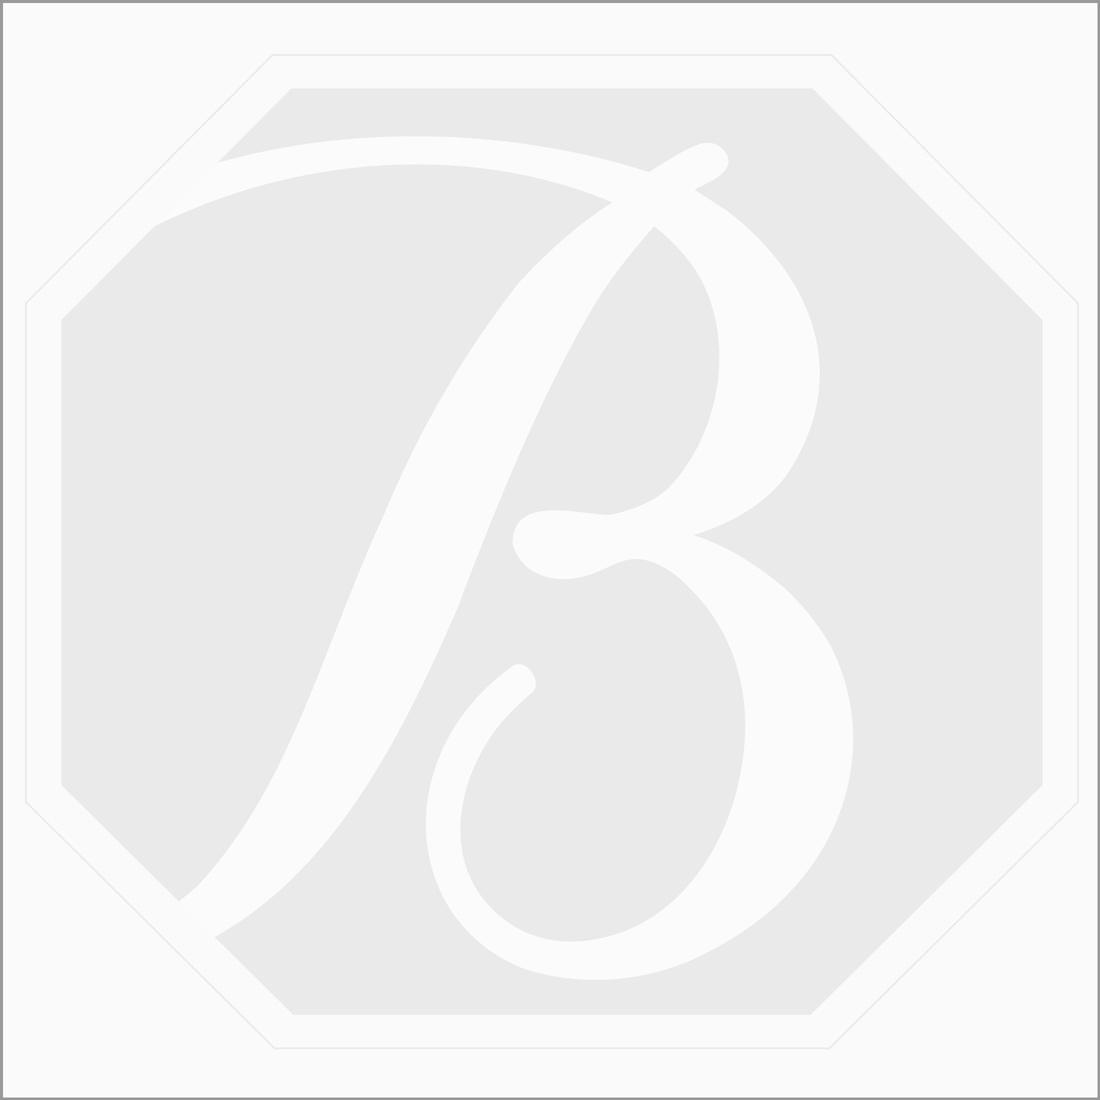 2 Pcs - Blue Sapphire Rose Cuts - 43.52 ct. - 32.8 x 22.8 x 3.2 mm & 32.8 x 21.9 x 3.2 mm (SSL1001)